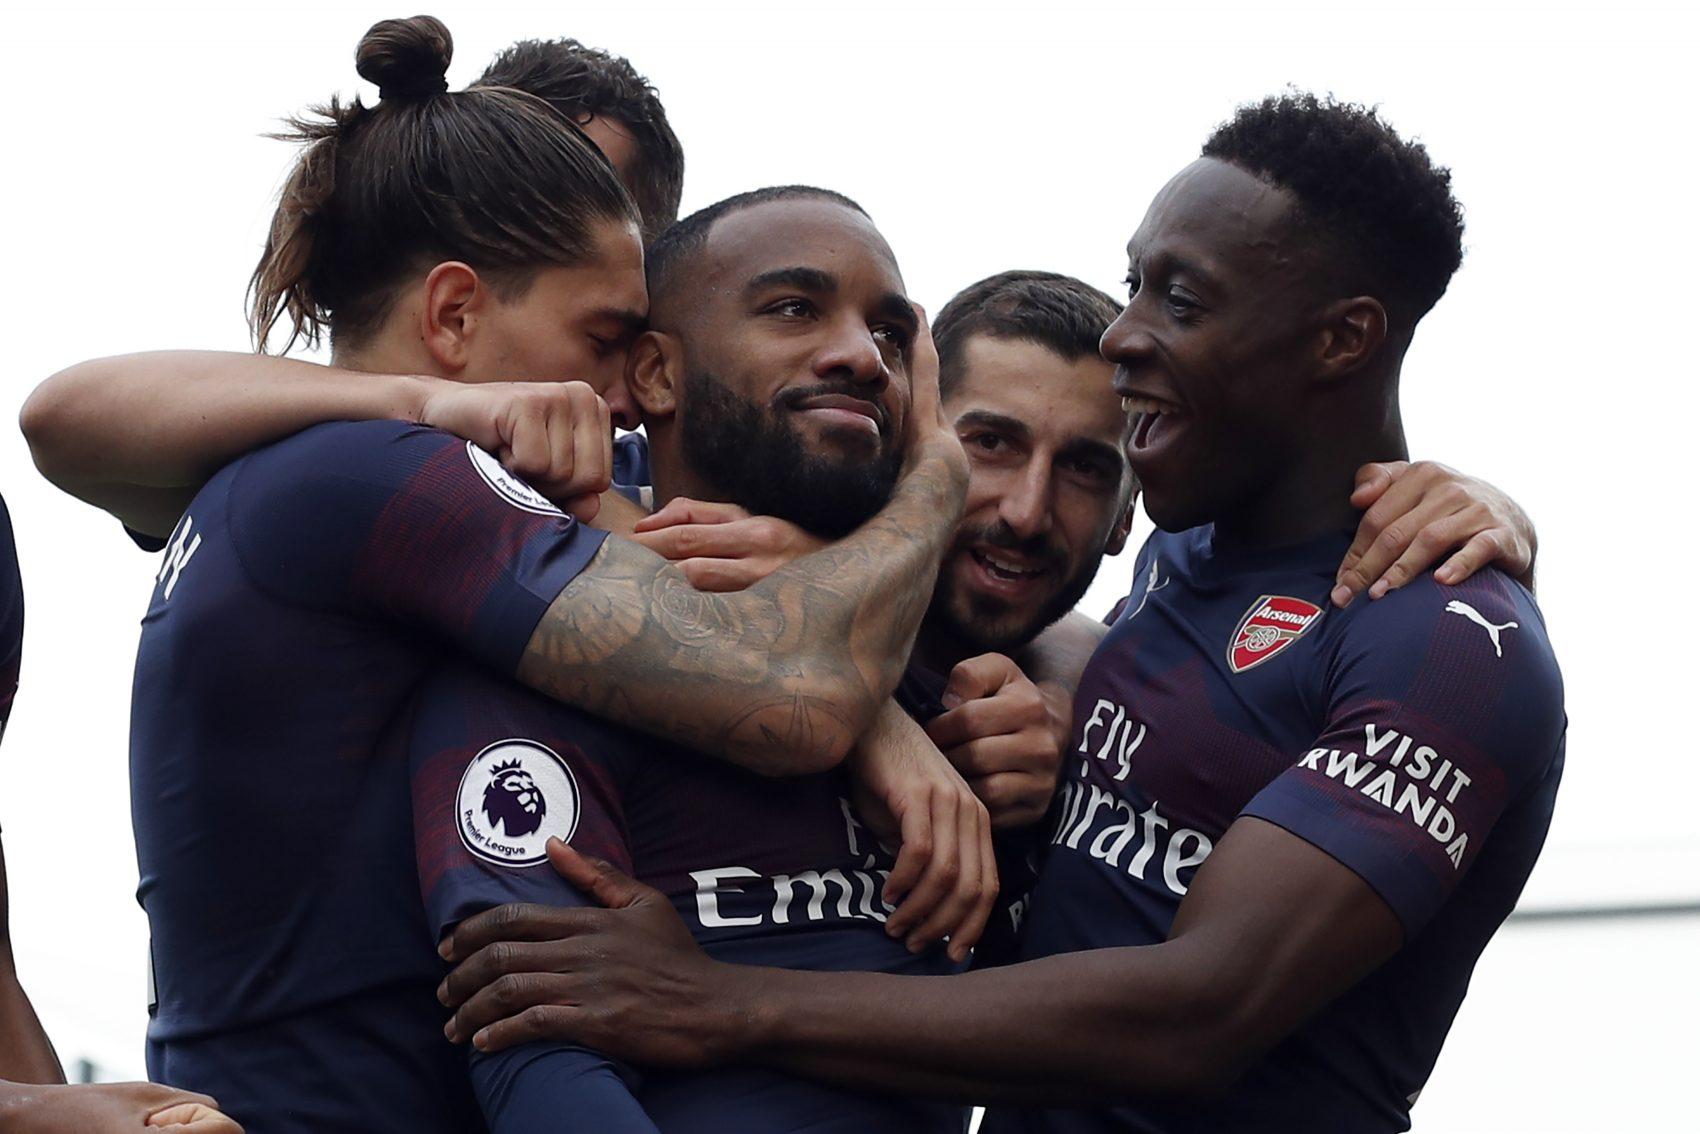 """""""Visit Rwanda"""" na manga do uniforme do Arsenal: o atacante francês Alexandre Lacazette (centro) comemora o gol com os companheiros (Foto Adrian Dennis/ AFP)"""